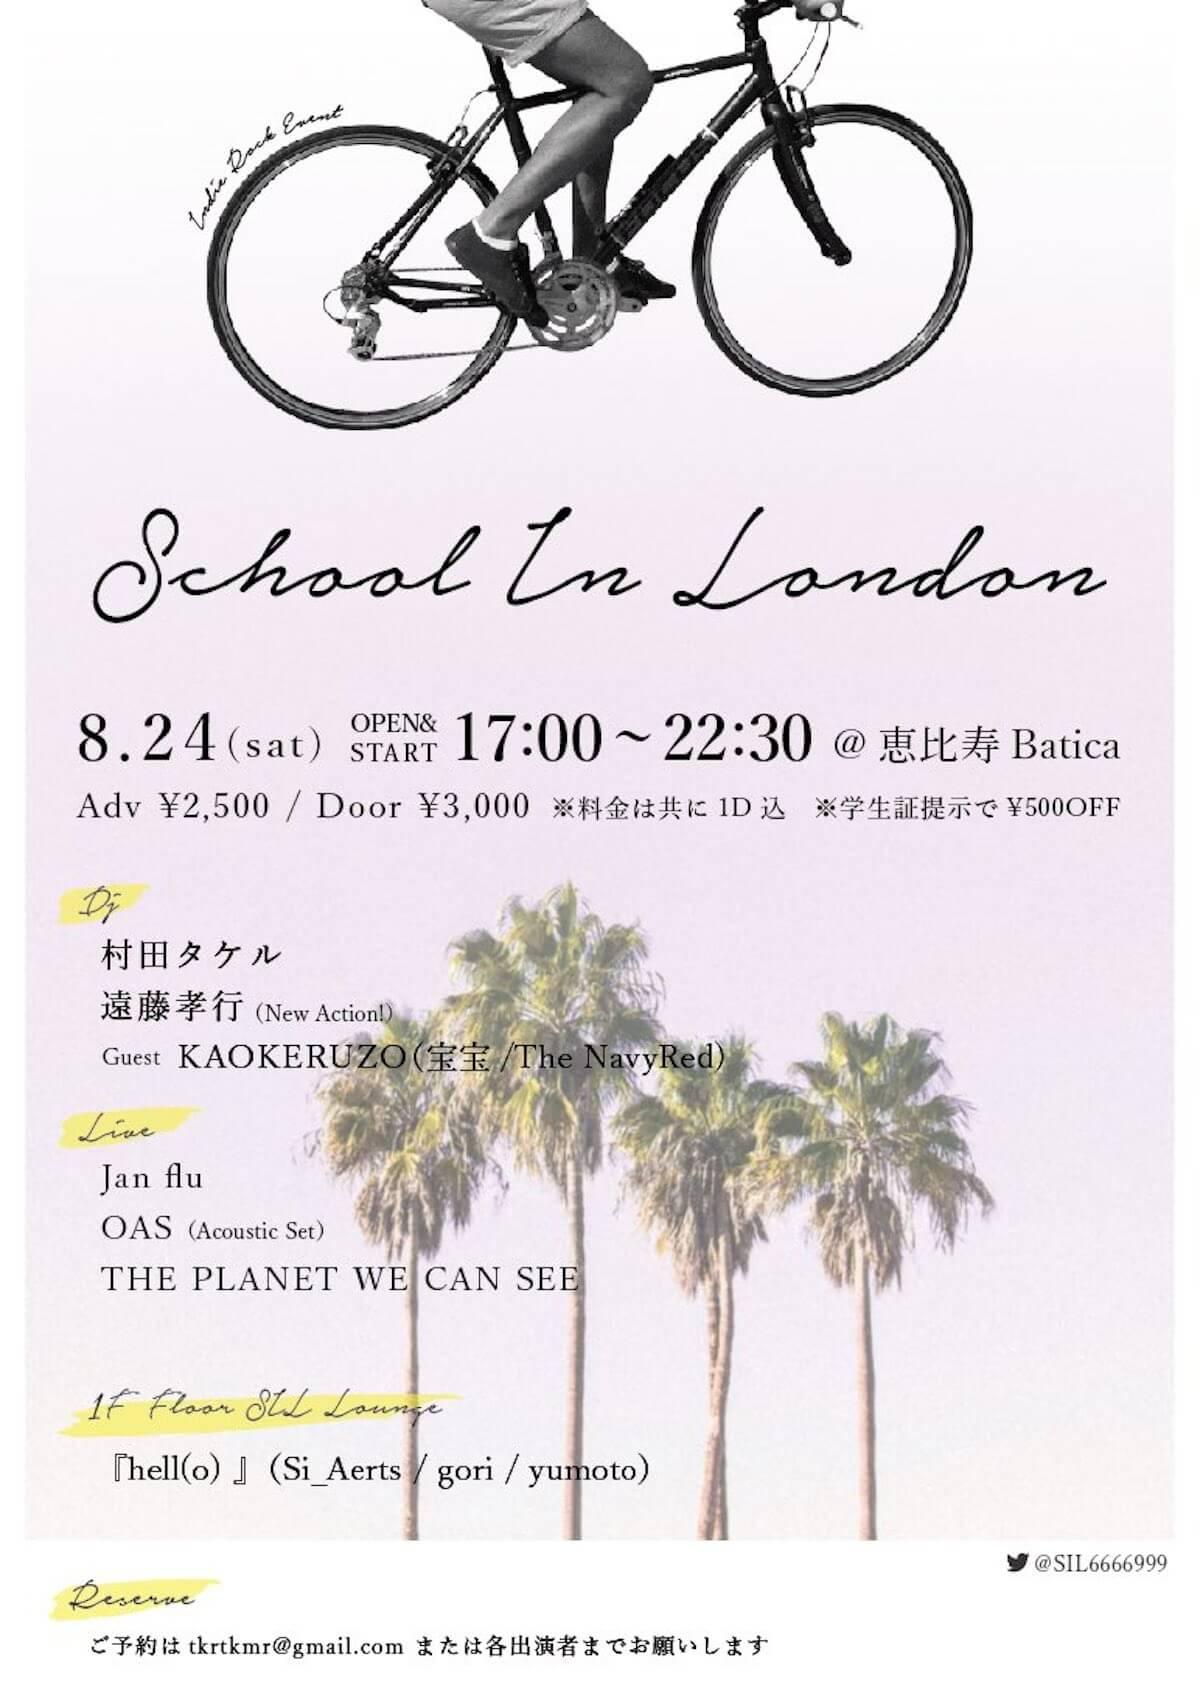 7年目に突入した<School In London>にJan flu、OAS(Acoustic Set)、THE PLANET WE CAN SEEが登場 music20190823_sil_main